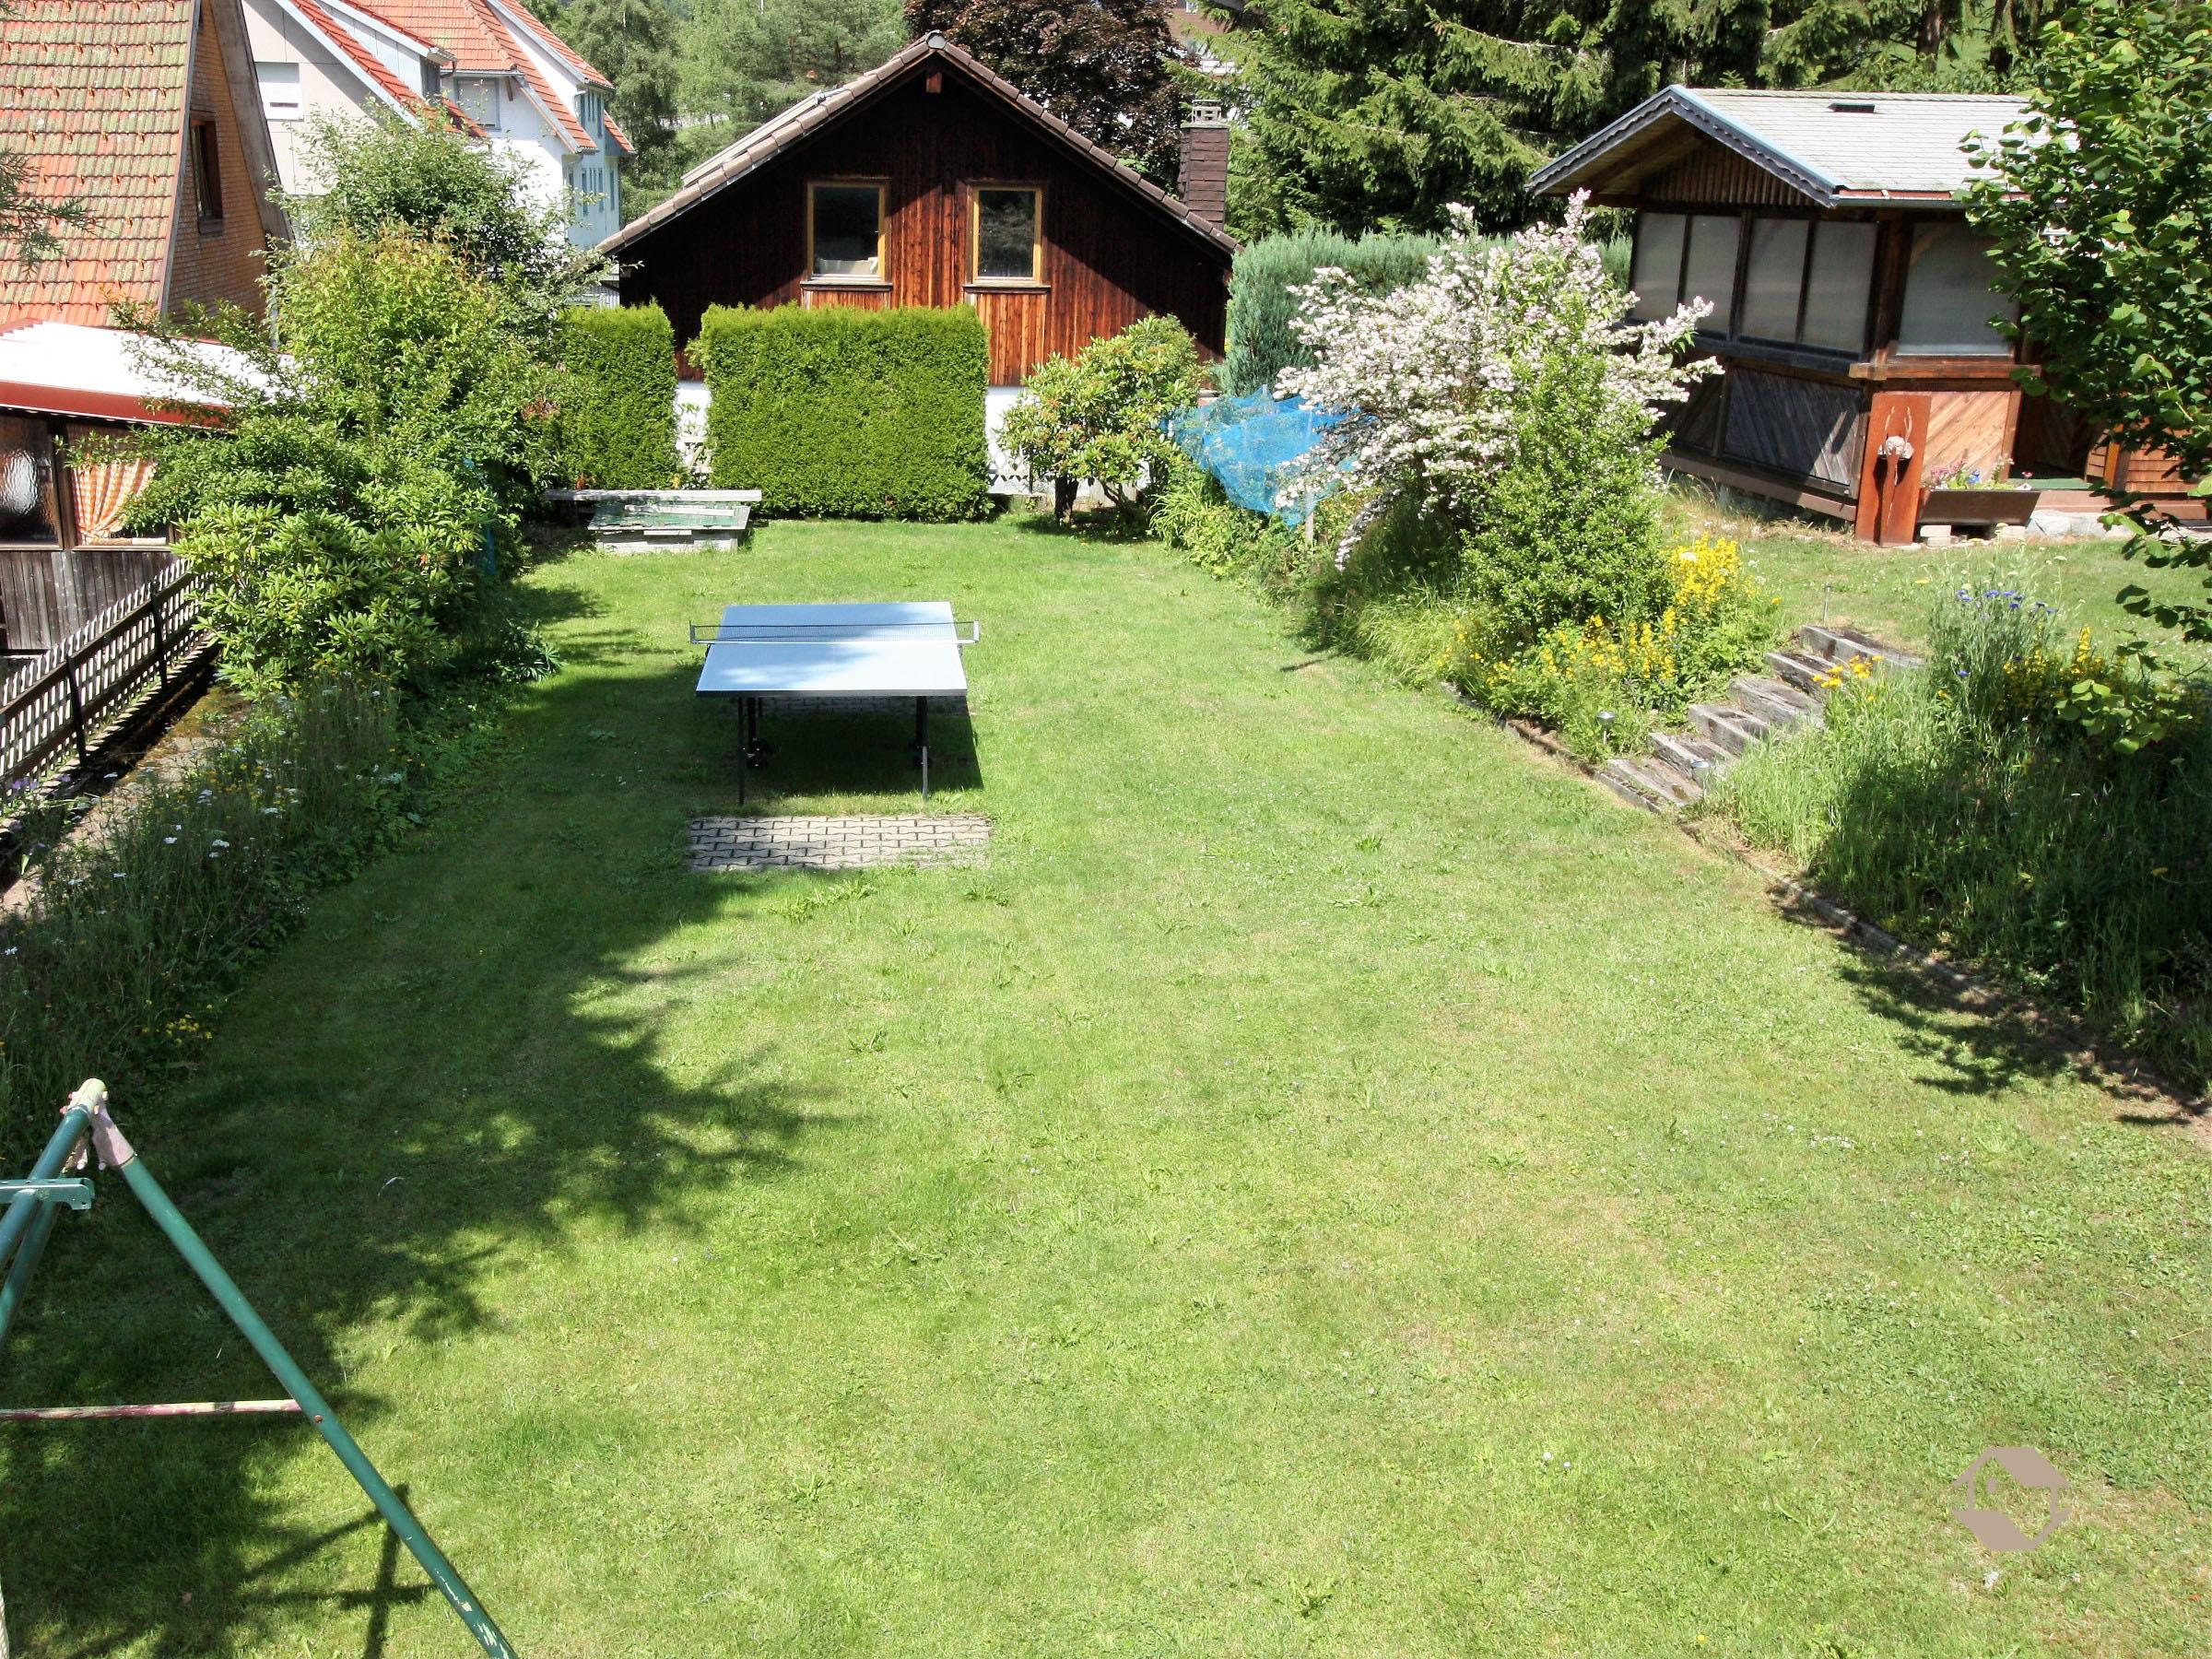 Holiday apartment Beyermann, (Schonach). Ferienwohnung 1, 70qm, 2 Wohn-/Schlafräume, max. 5 Personen (1764474), Schonach, Black Forest, Baden-Württemberg, Germany, picture 5